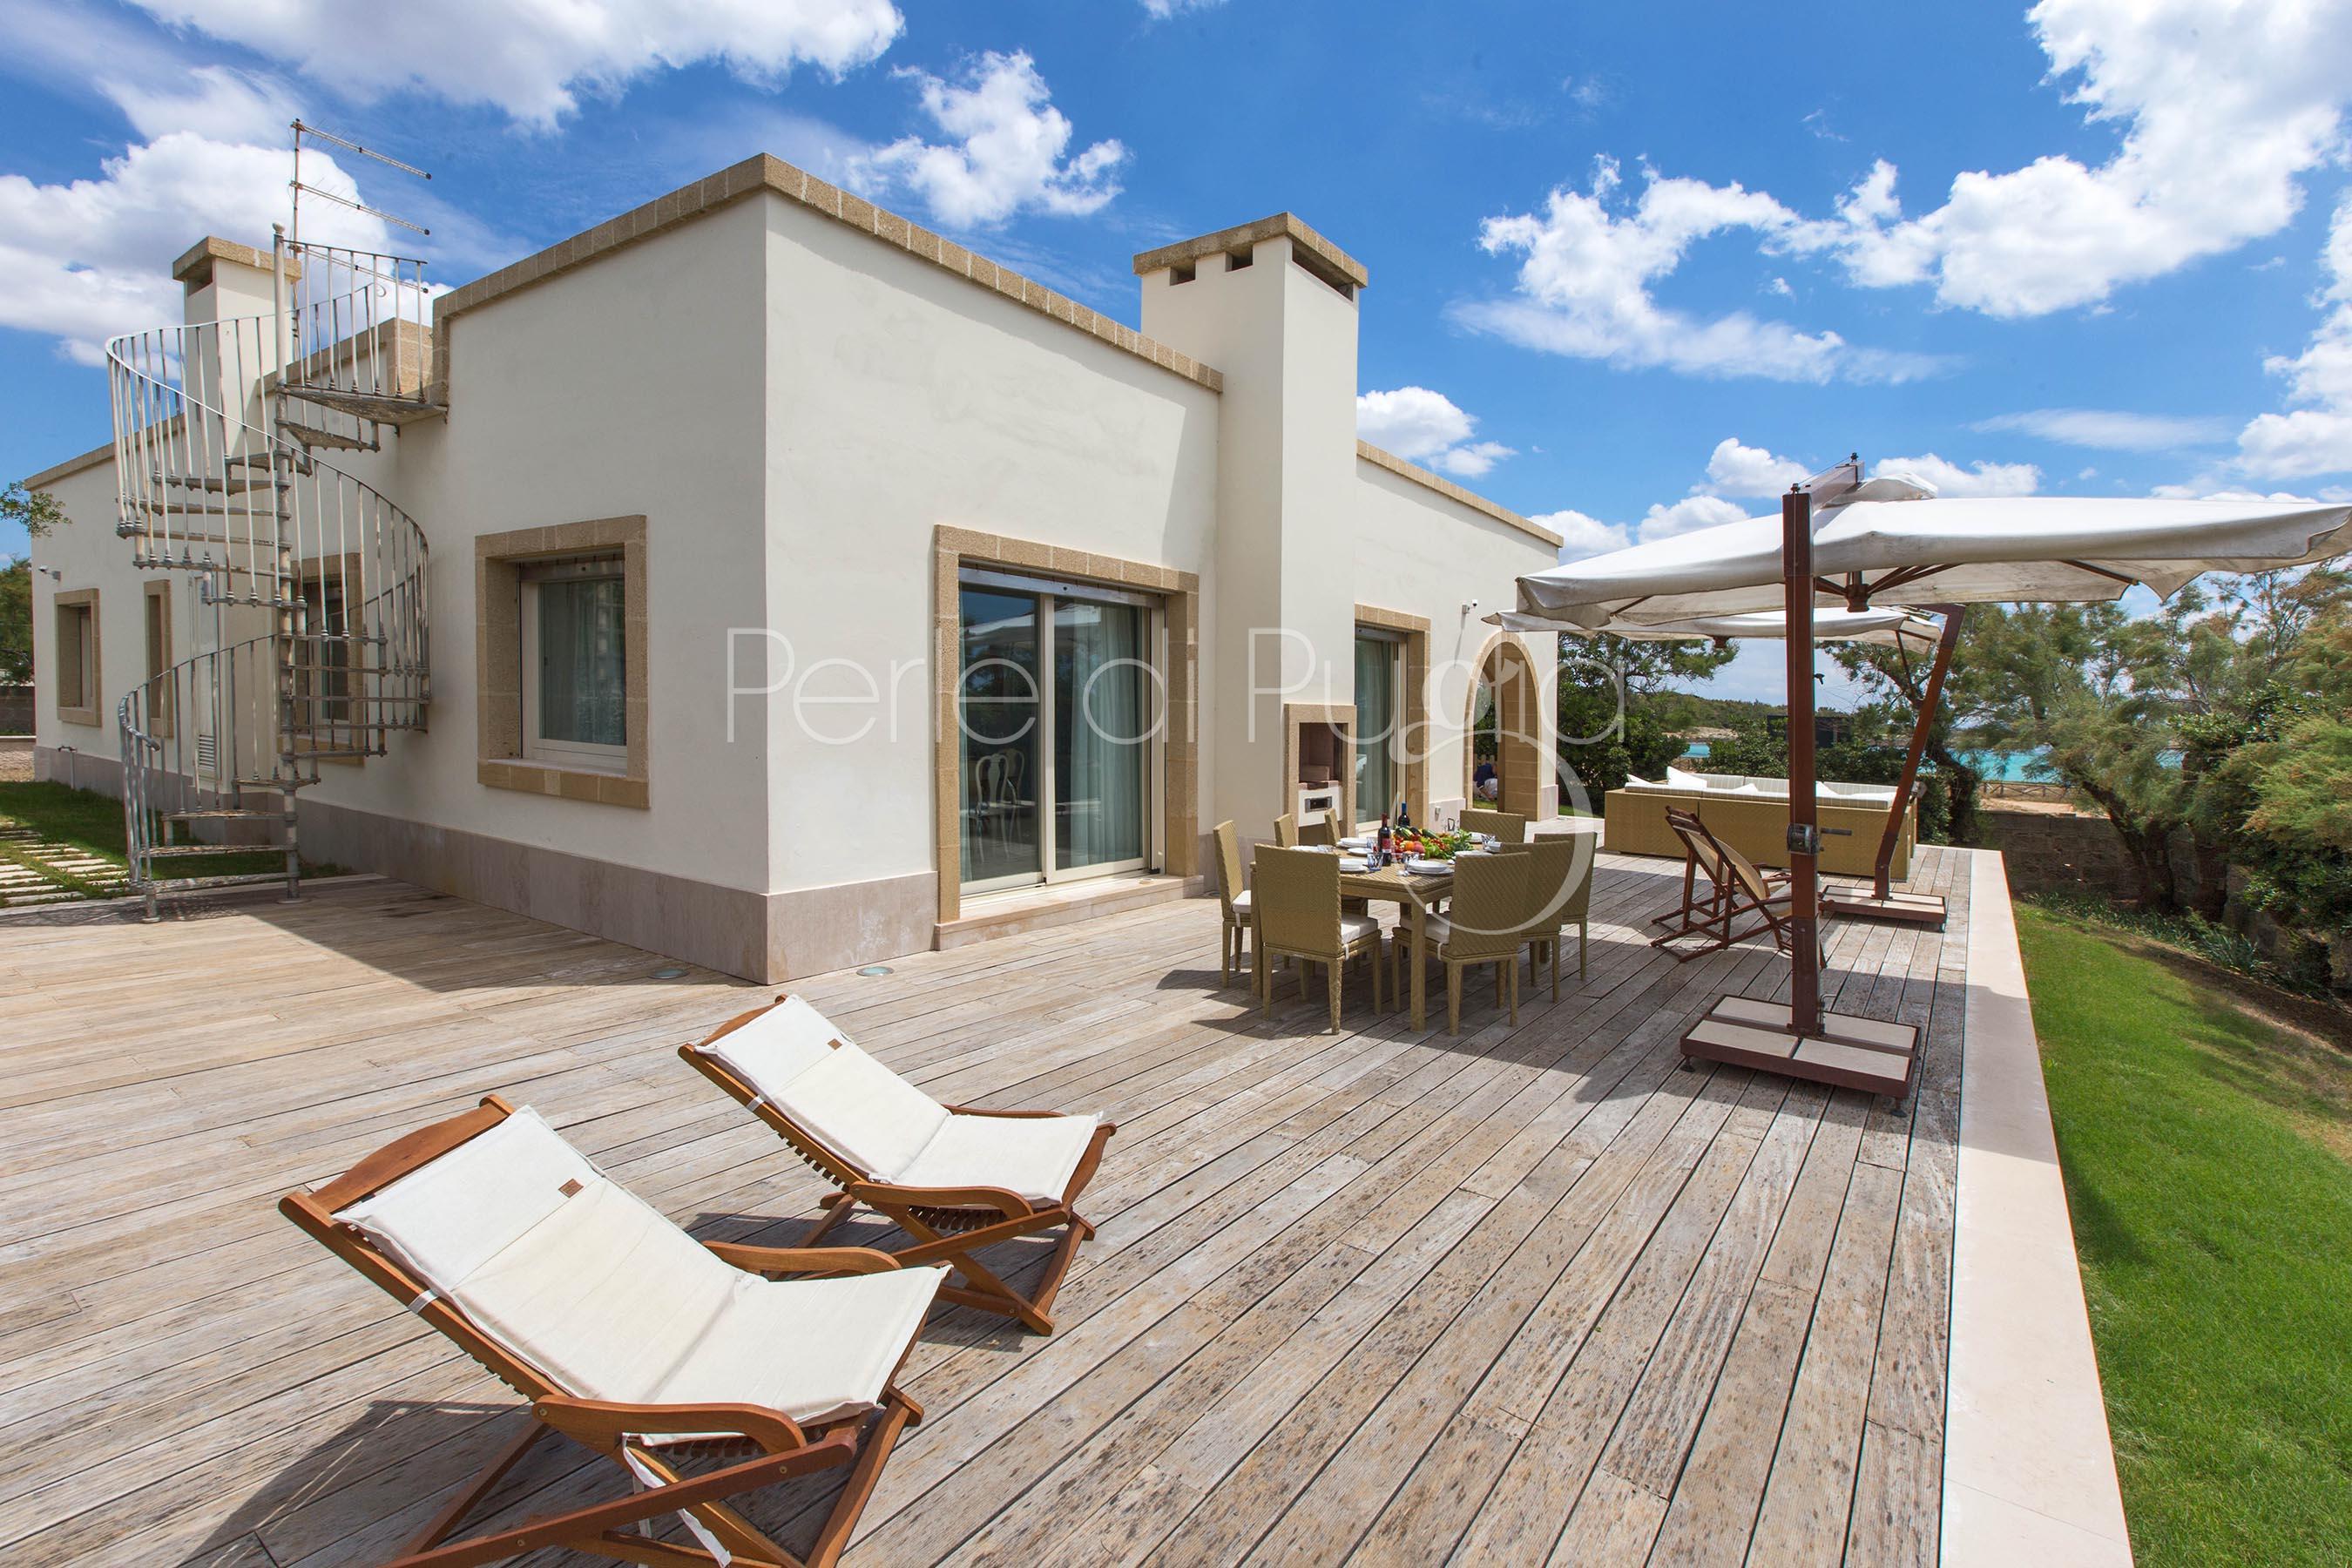 Affitto villa di lusso sulla spiaggia a porto cesareo - Ville in affitto al mare con piscina ...